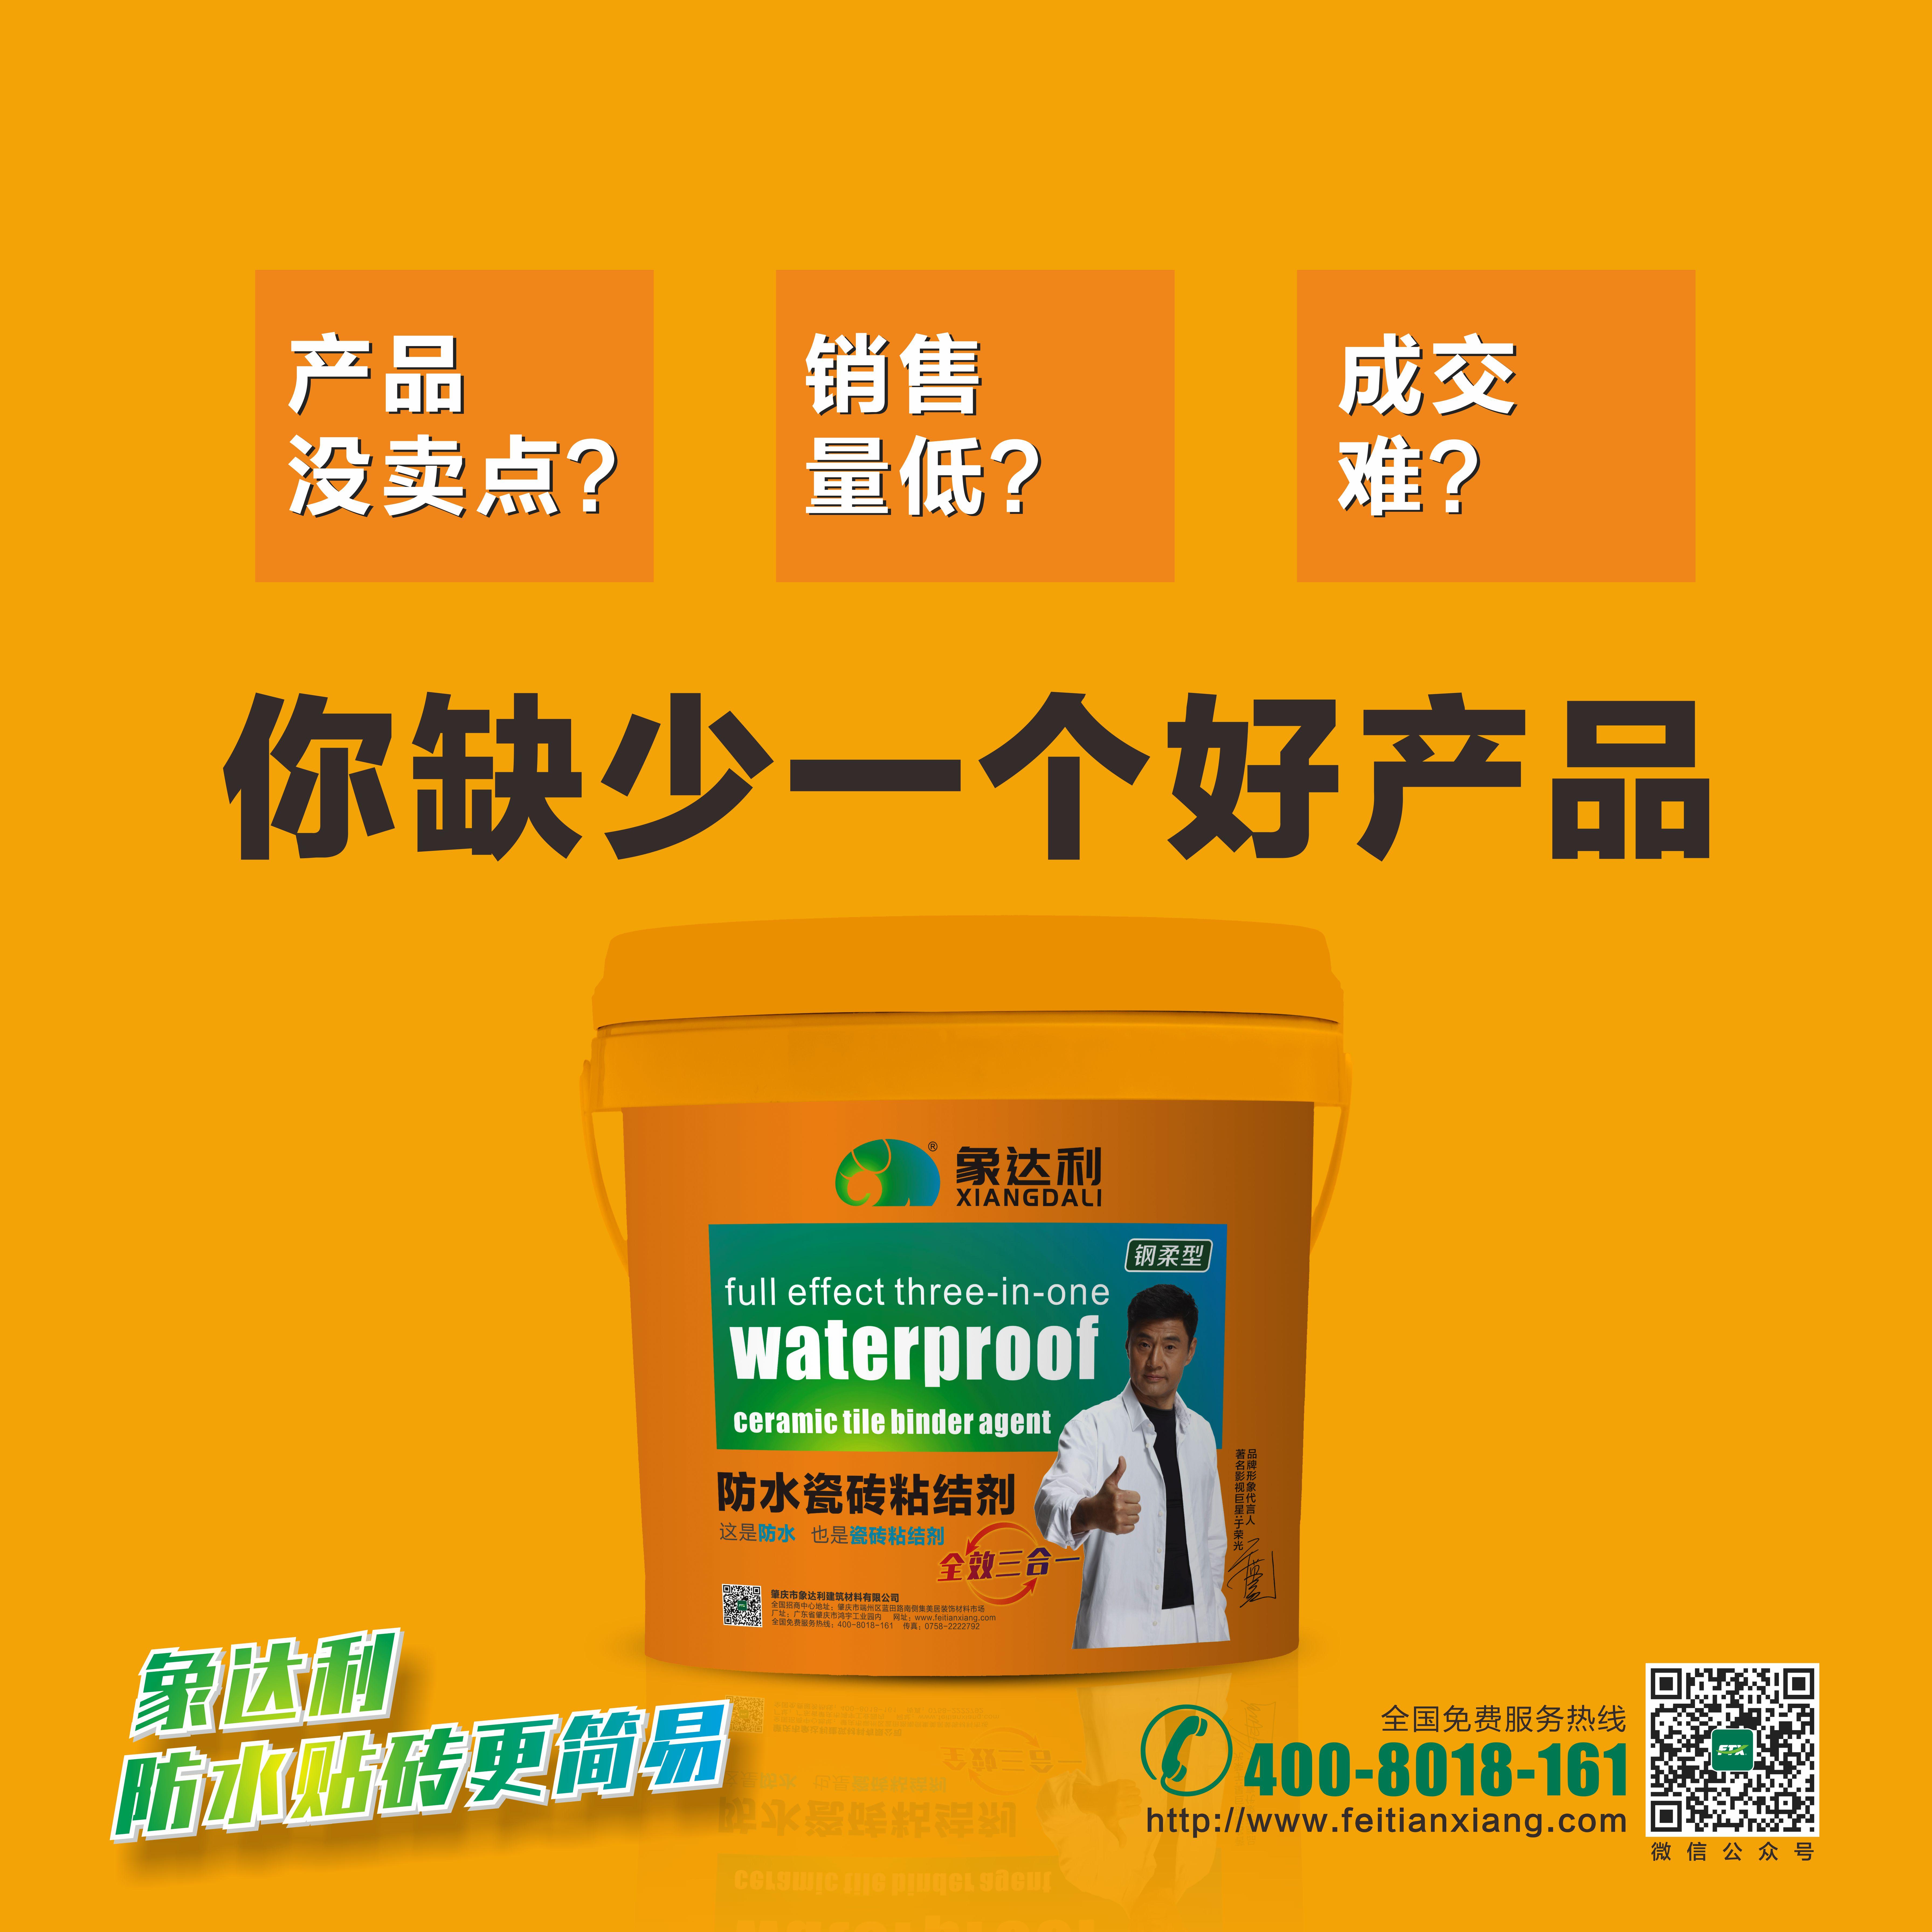 招商广告2